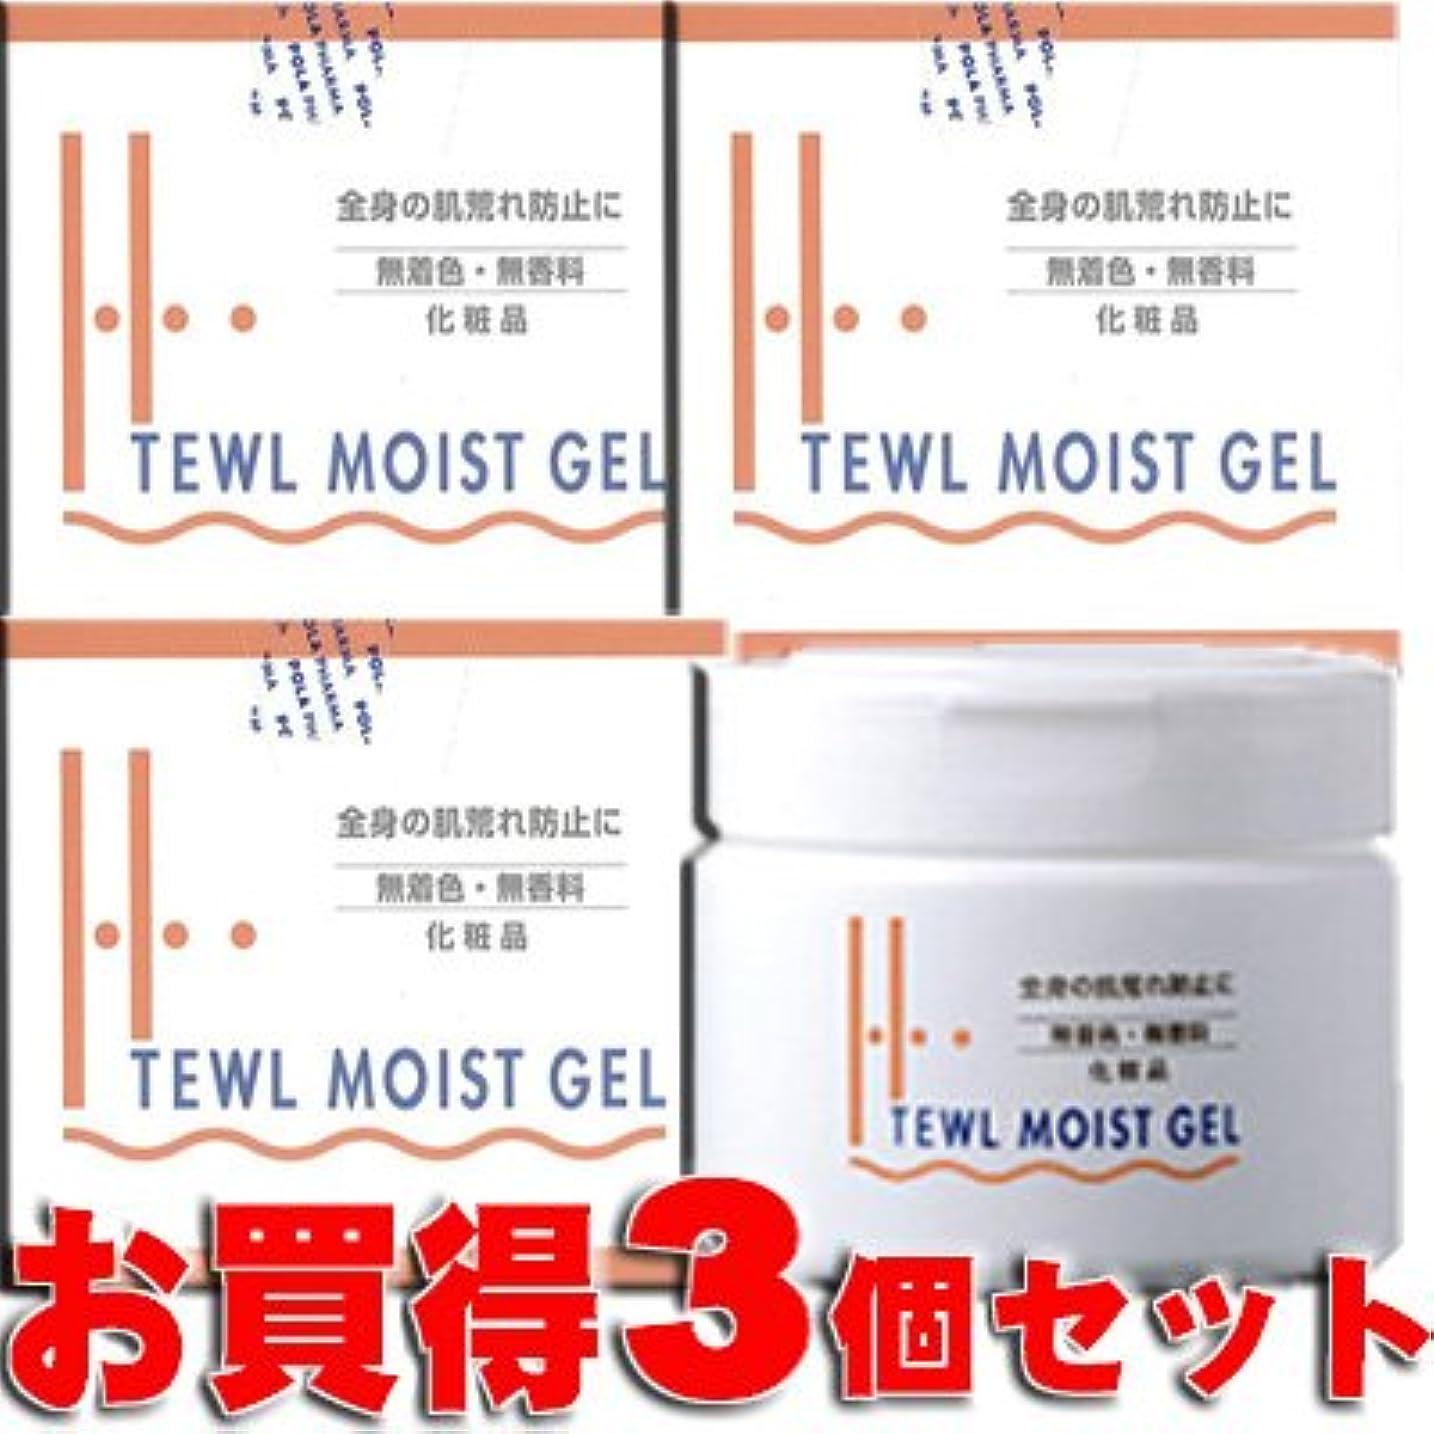 毎日ピカソ損傷★お買得3個★ ハイテウル モイストジェル 300gx3個 (ポーラファルマ)エタノールや界面活性剤に敏感な方へおすすめするゲルクリームです。